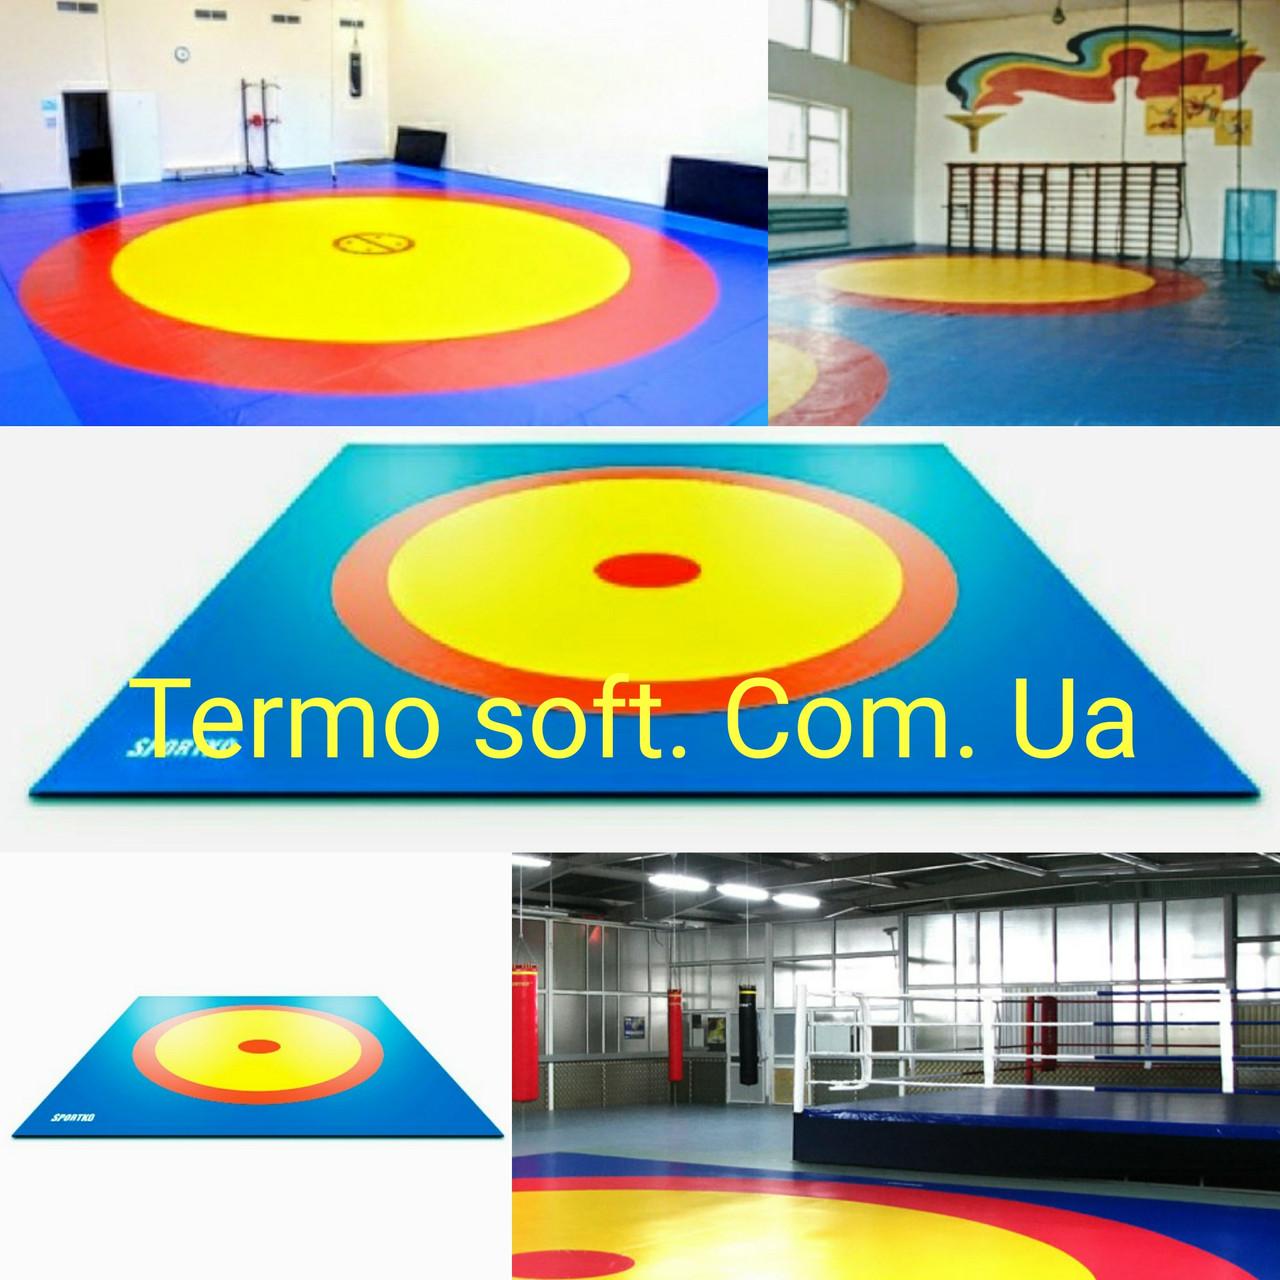 Покрытие (покрышка) ПВХ для борцовских и гимнастических матов в спортзалах трехцветная.